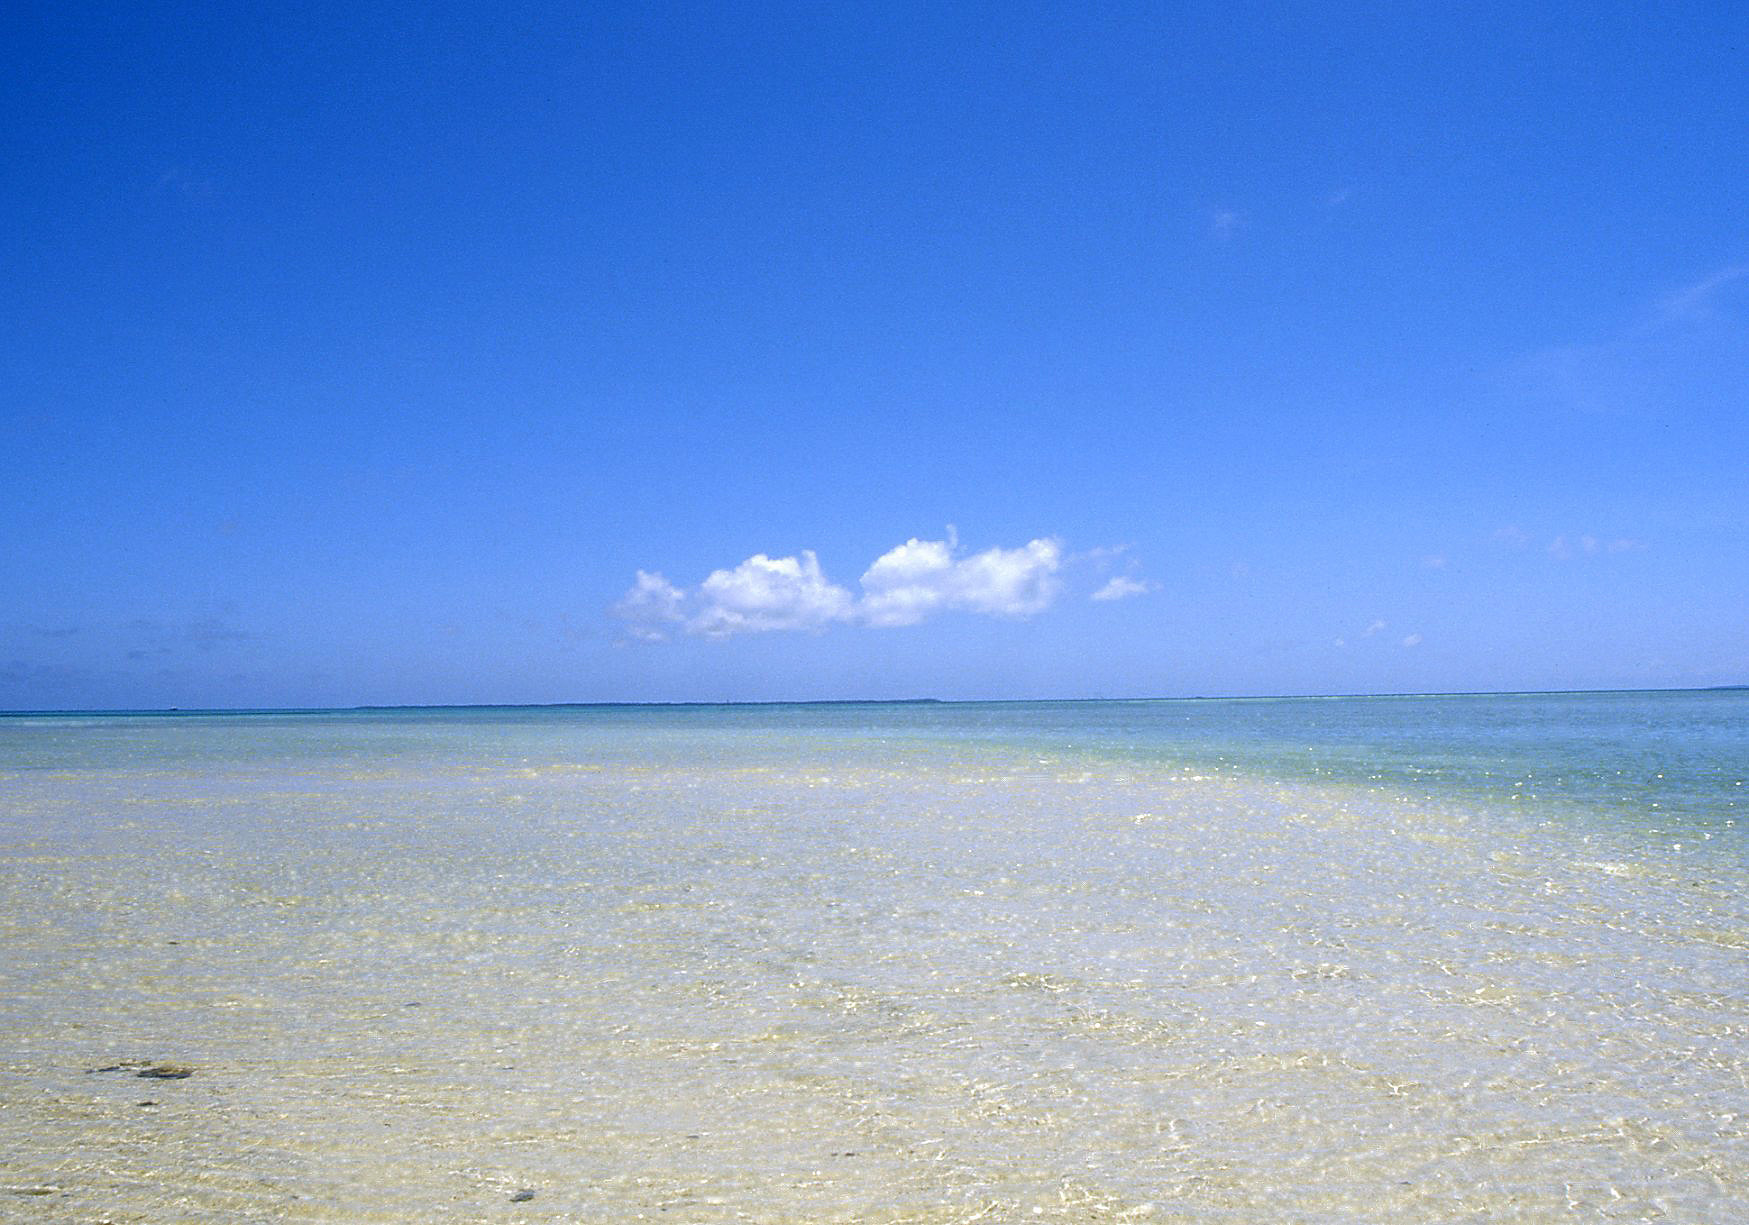 Okinawa Japan